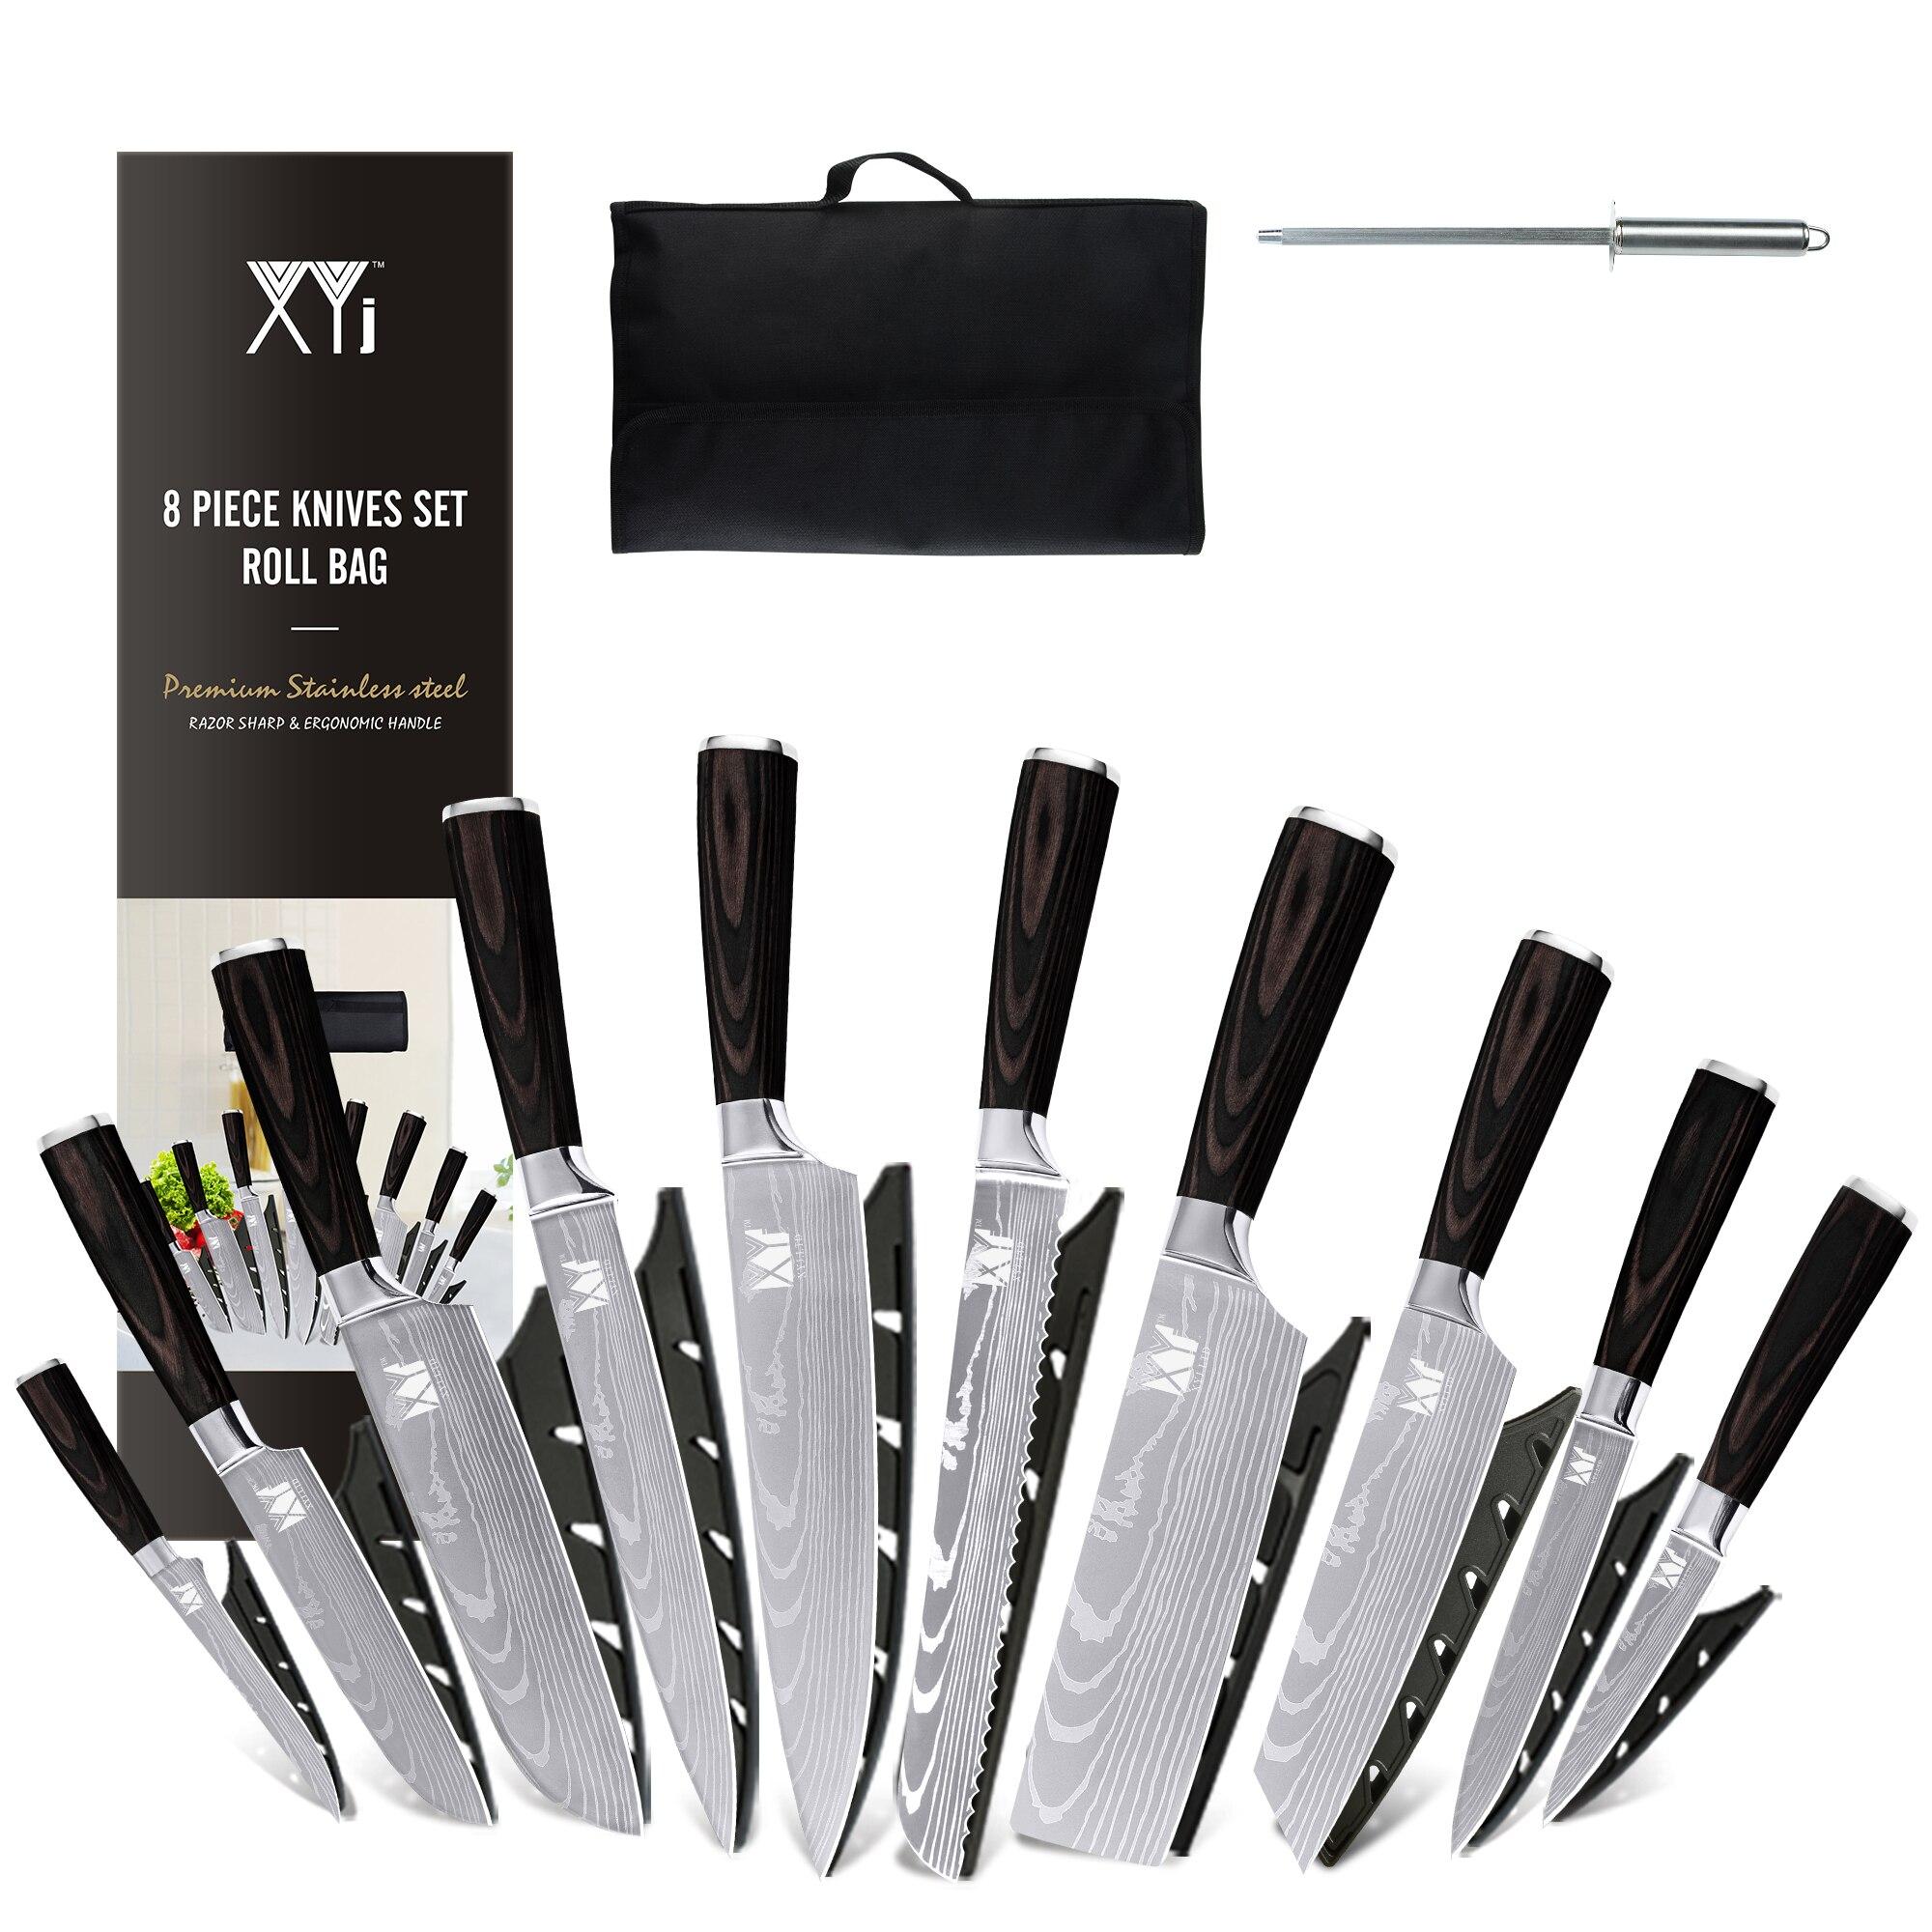 XYj 8 قطعة طقم السكاكين أدوات مطبخ مع حافظة سكين شحذ عصا هدية يغطي الفولاذ المقاوم للصدأ الوريد دمشقي نمط الشيف السكاكين